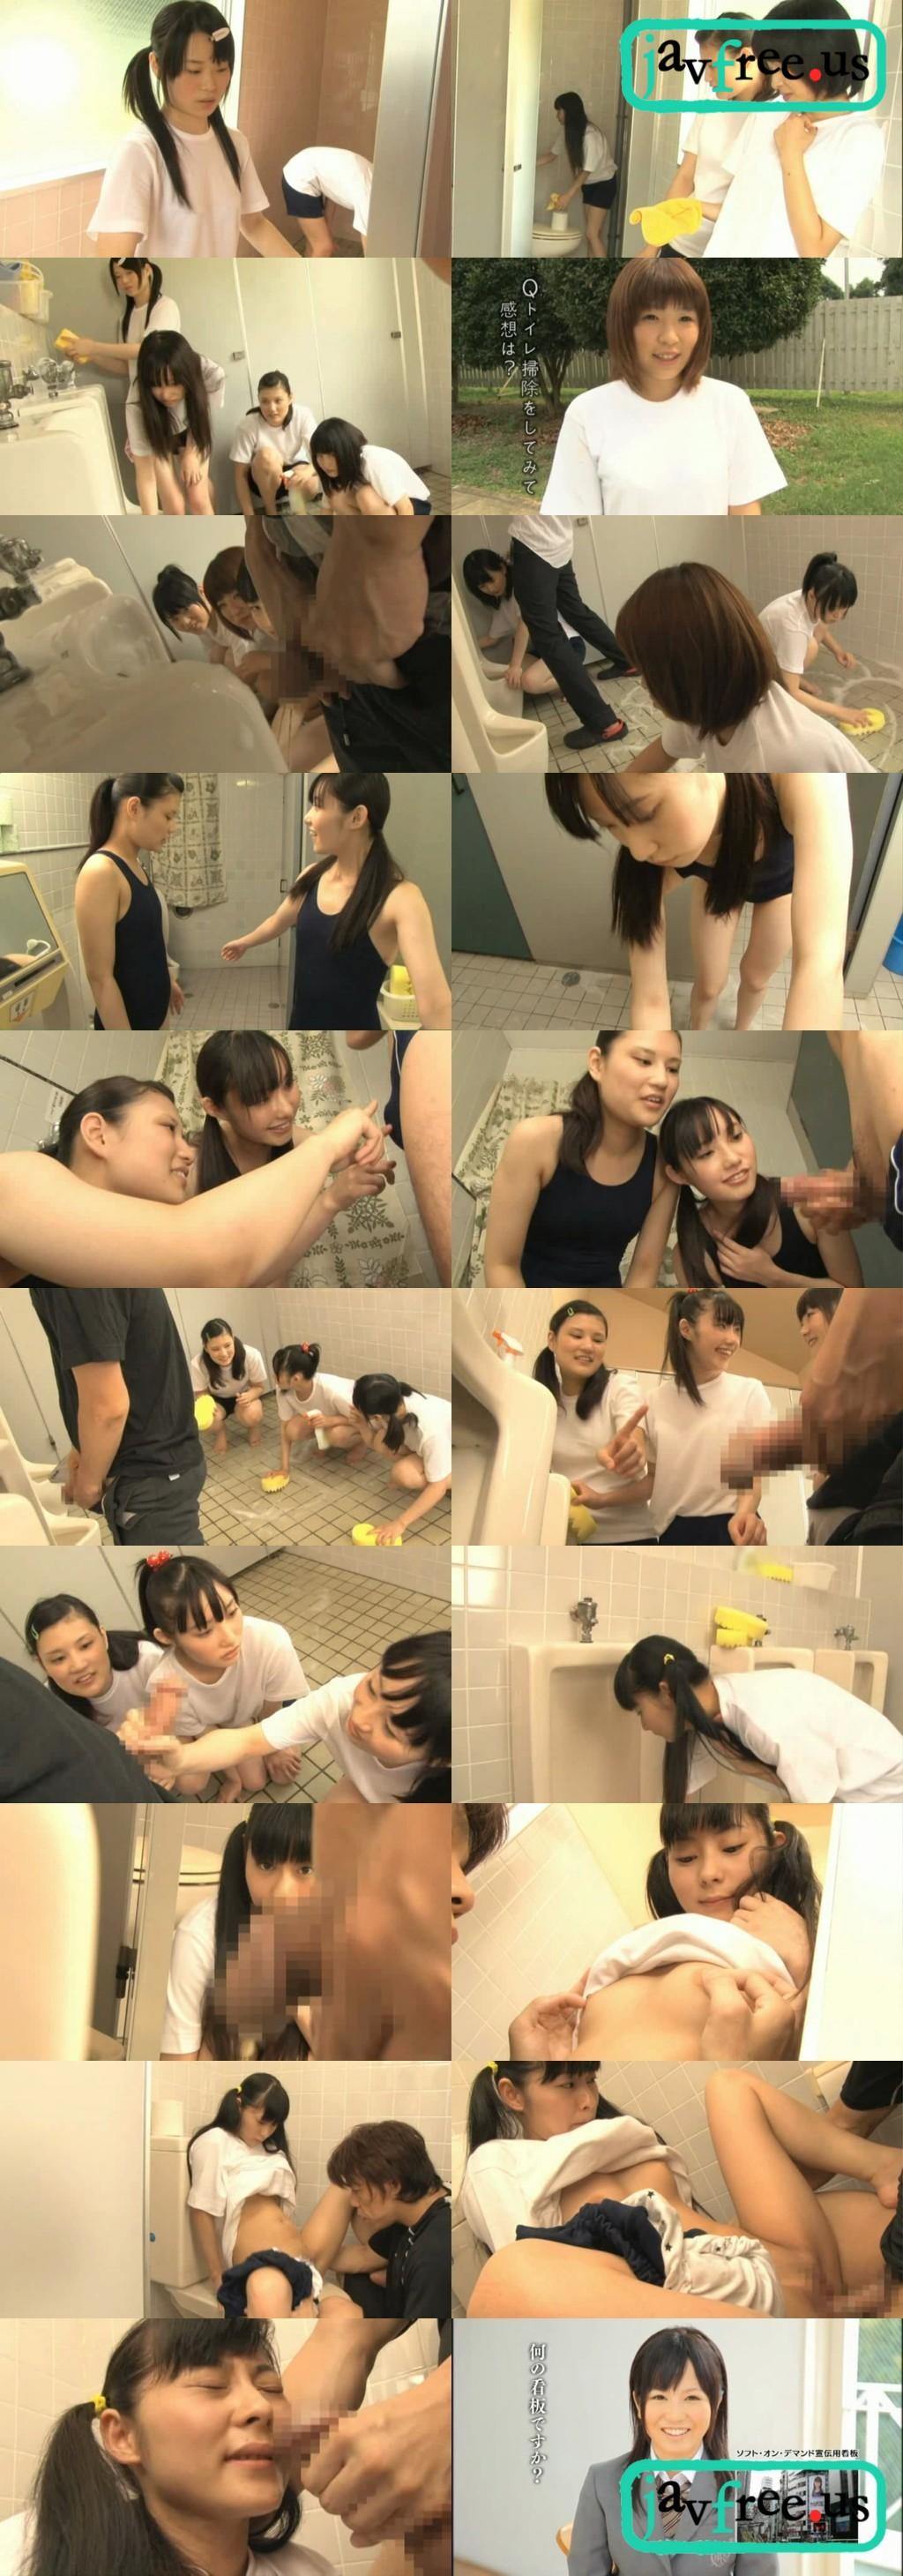 [SDMT 572] 素手・素足・ハーパン体操着で小便まみれの男子便所を掃除するトイレの○○生が大人ち○ぽに出逢ったら。 SDMT